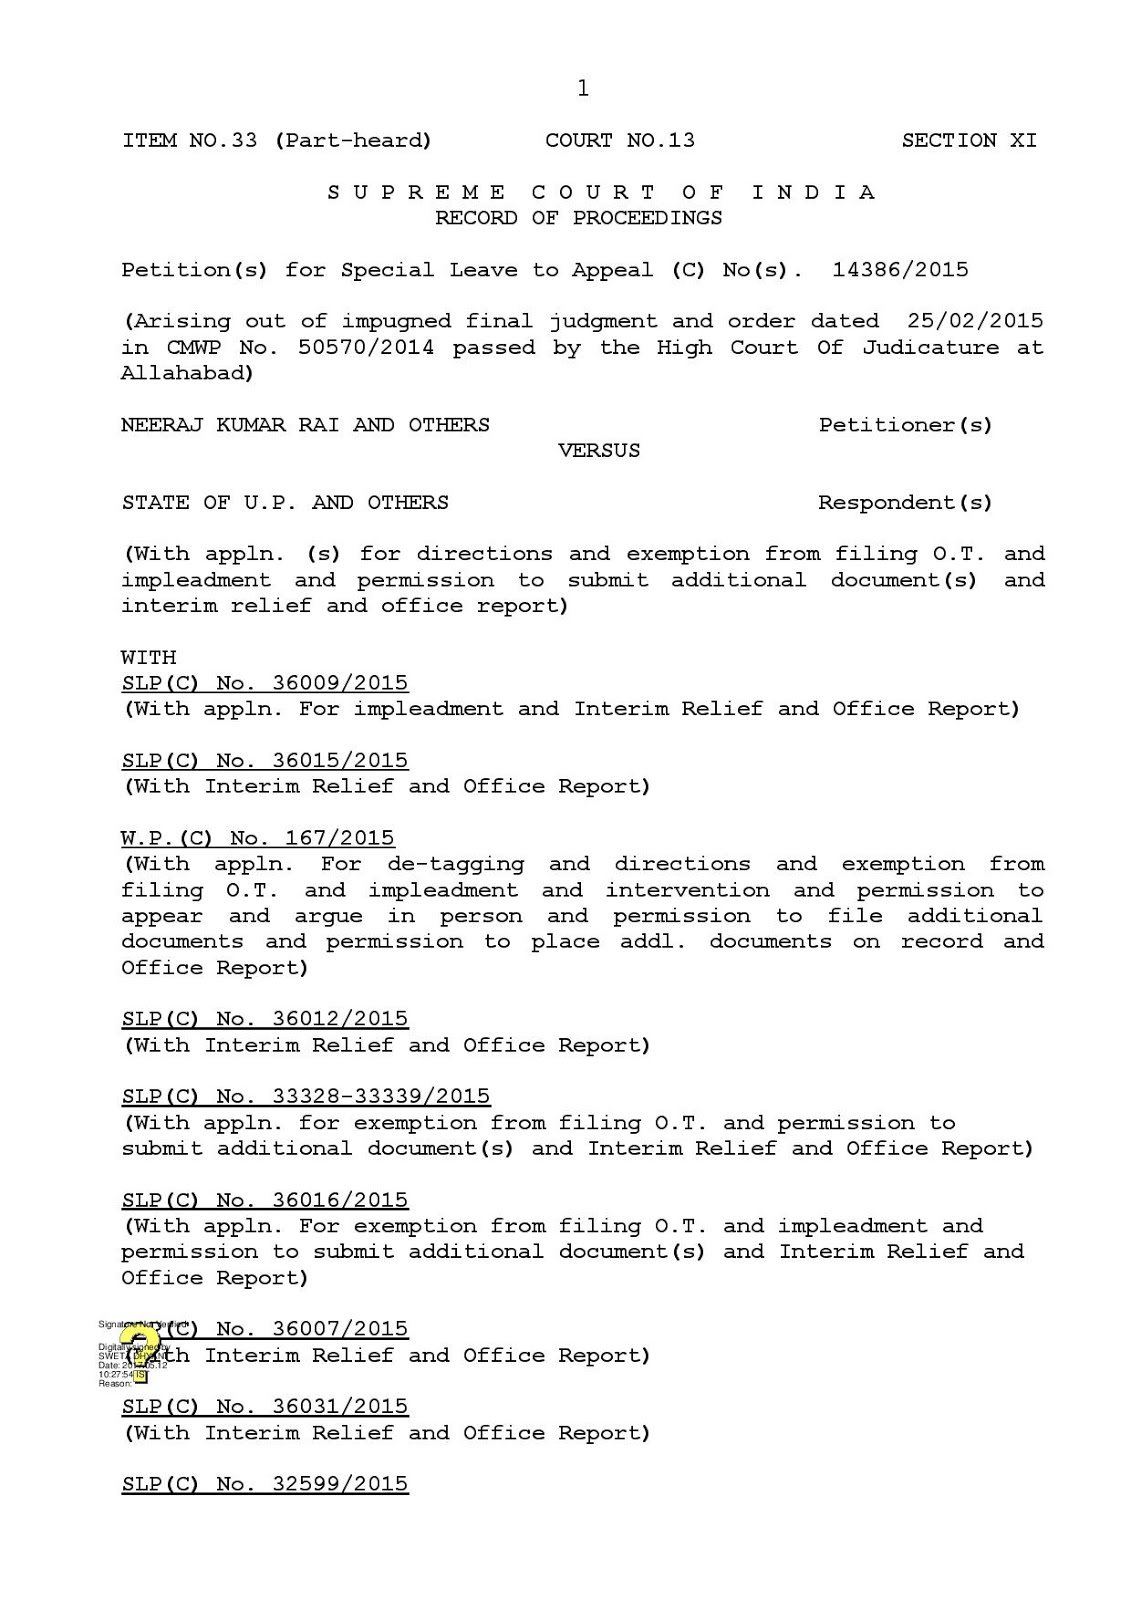 9 मई को हुई शिक्षामित्र प्रकरण की सुनवाई का आर्डर आया, 17 मई को 1 घंटा होगी बहस: फिर निर्णय या रिज़र्व: देखें 9 मई का 24 पेज का आर्डर